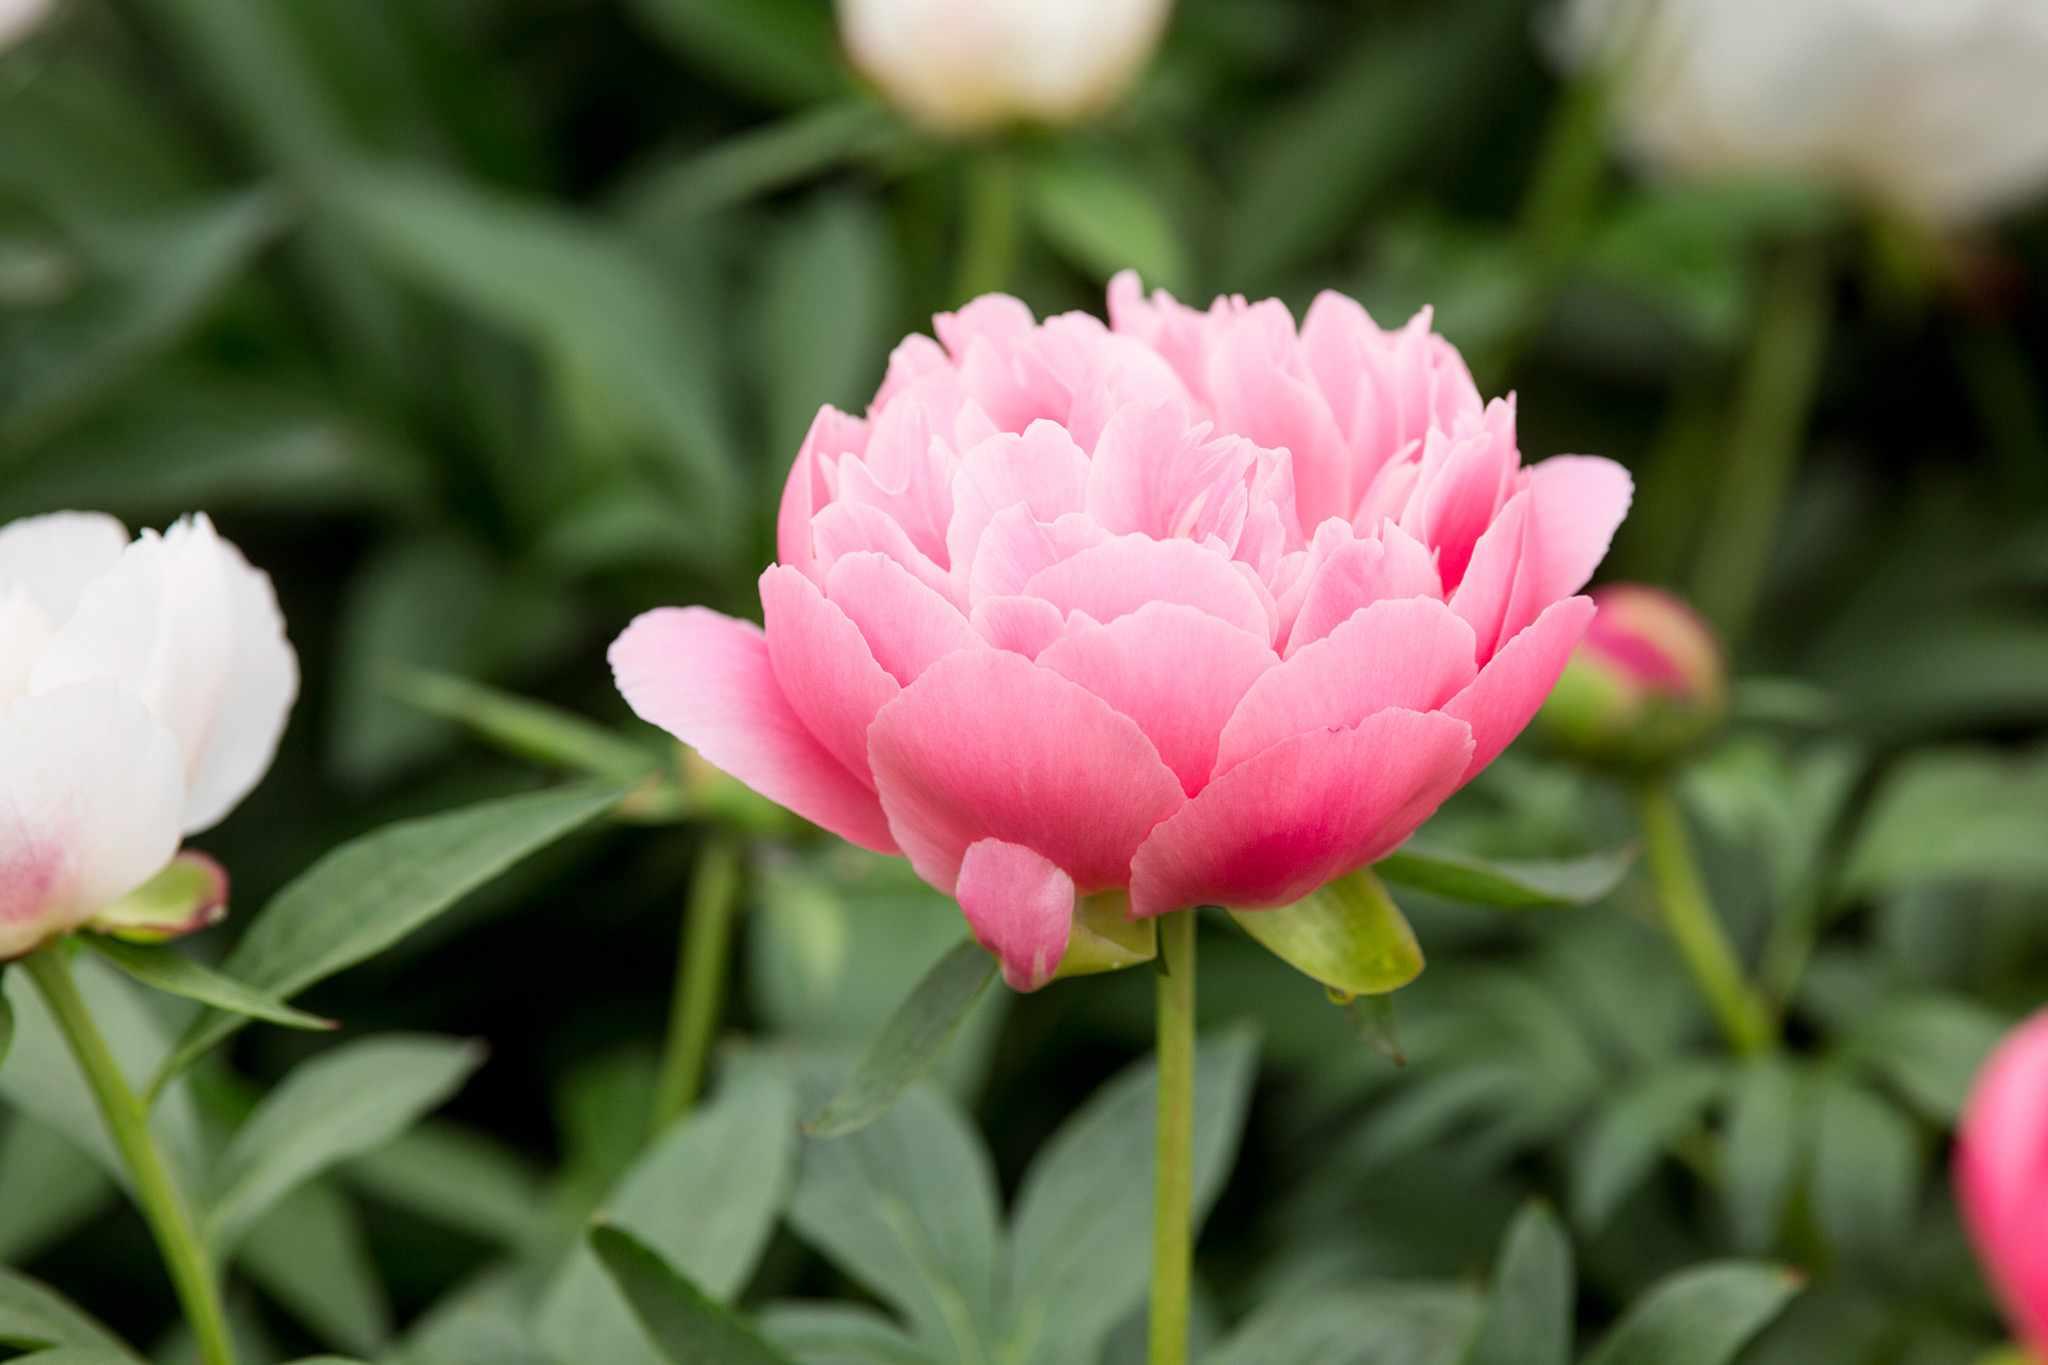 Pink peony variety 'Pink Hawaiian Coral'